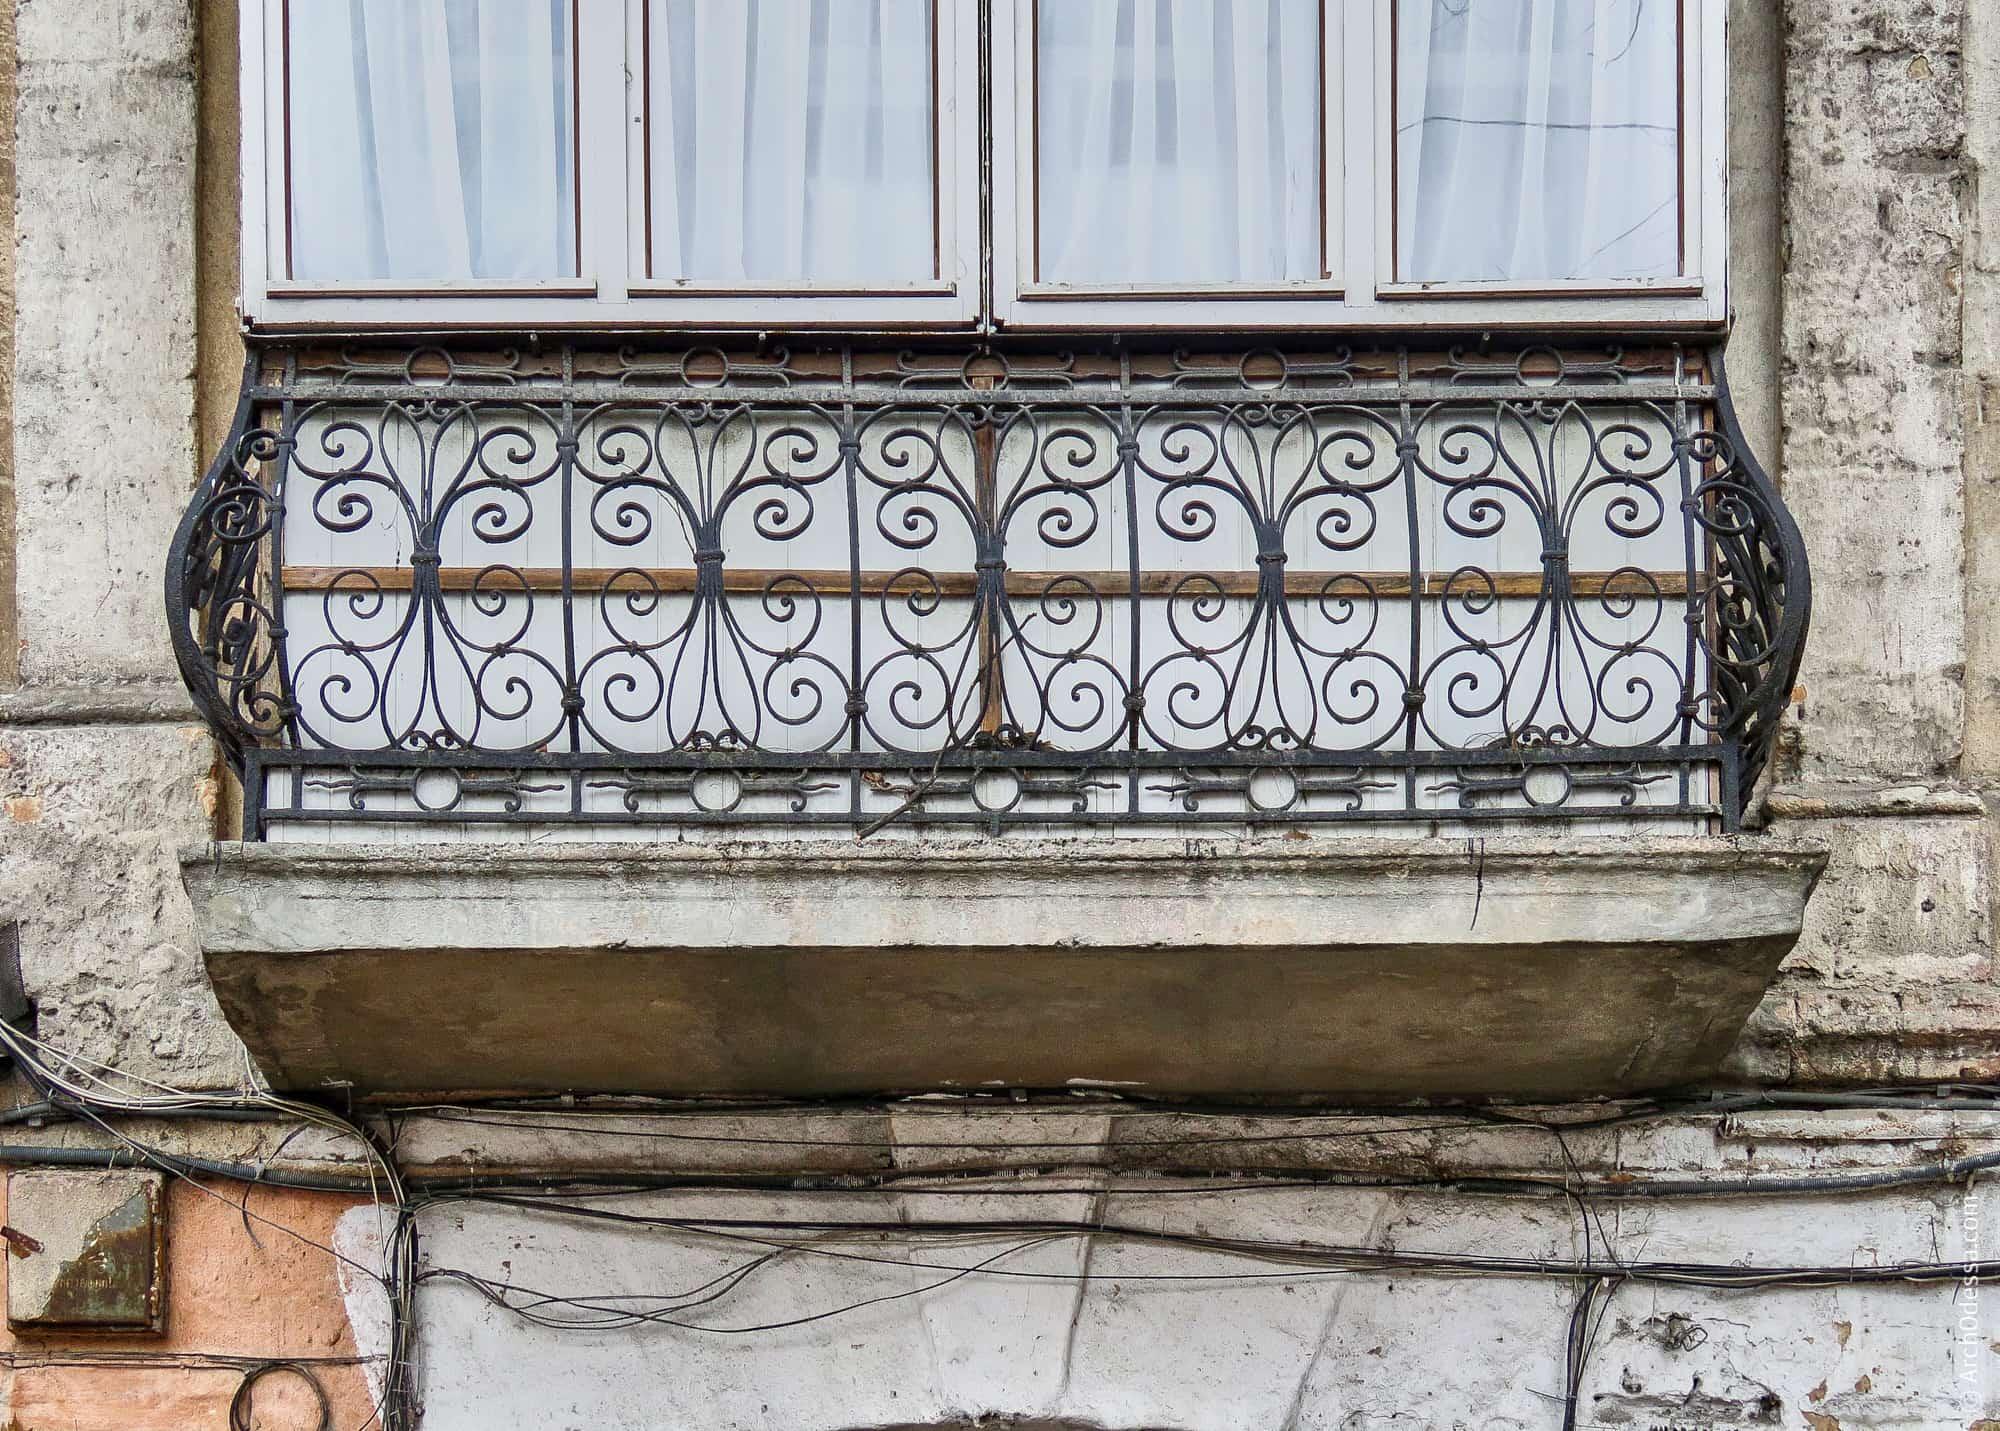 Балкон над аркой